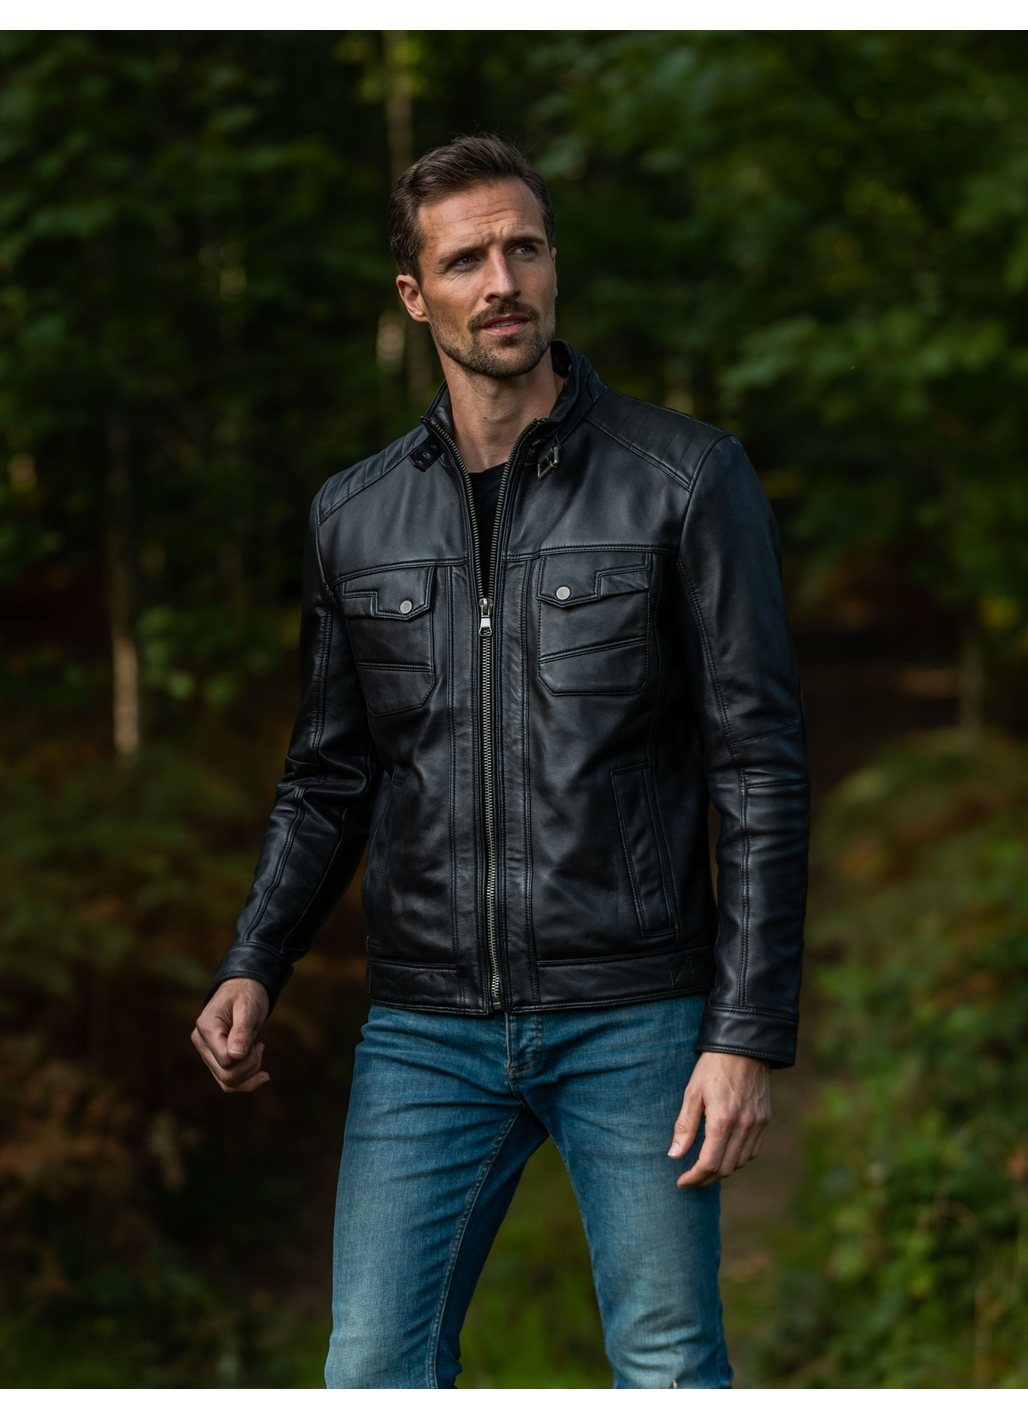 Wansfell Leather Biker Jacket in Black